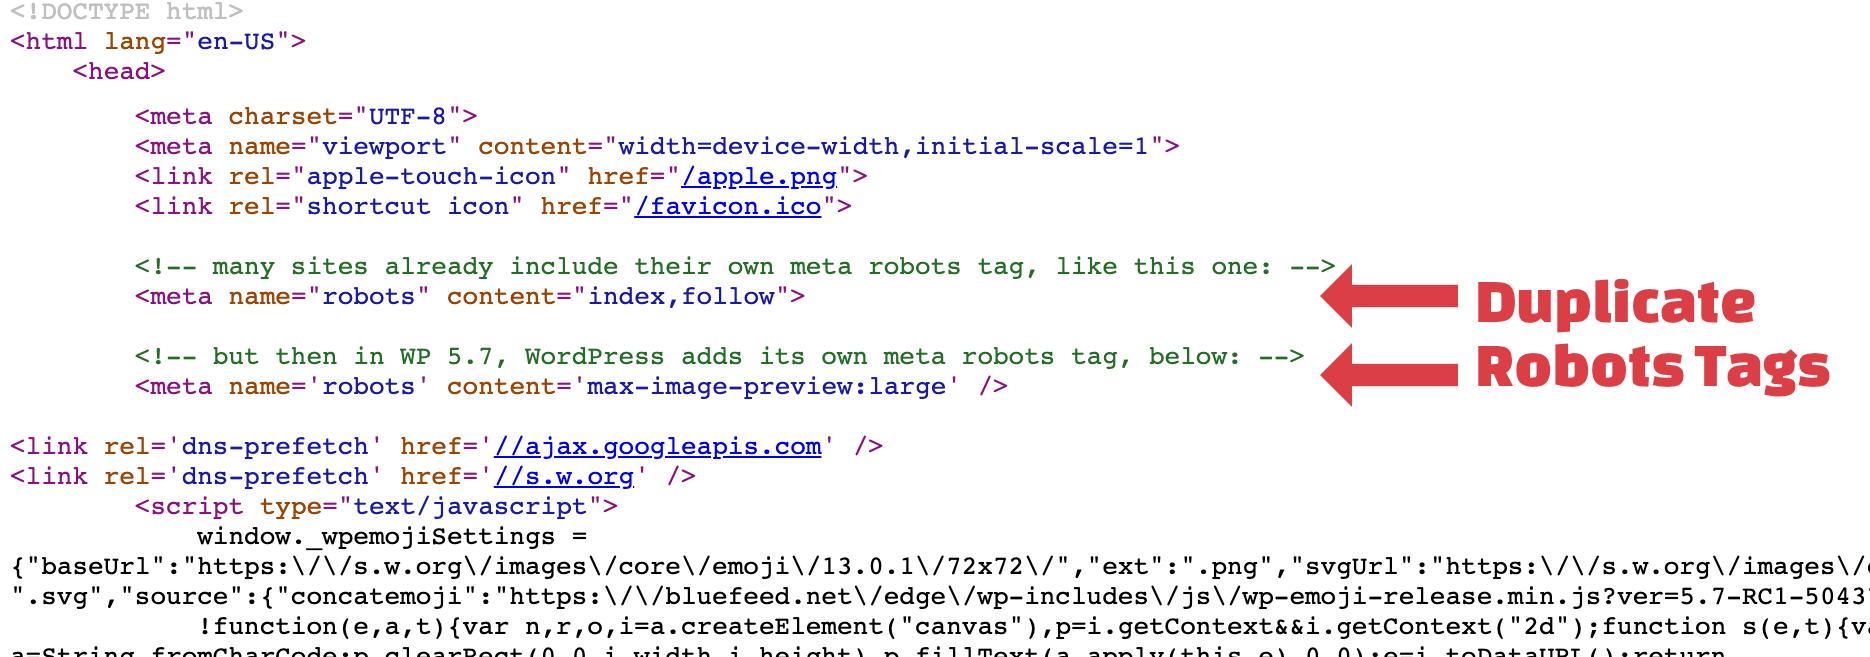 Screenshot showing duplicate robots meta tags